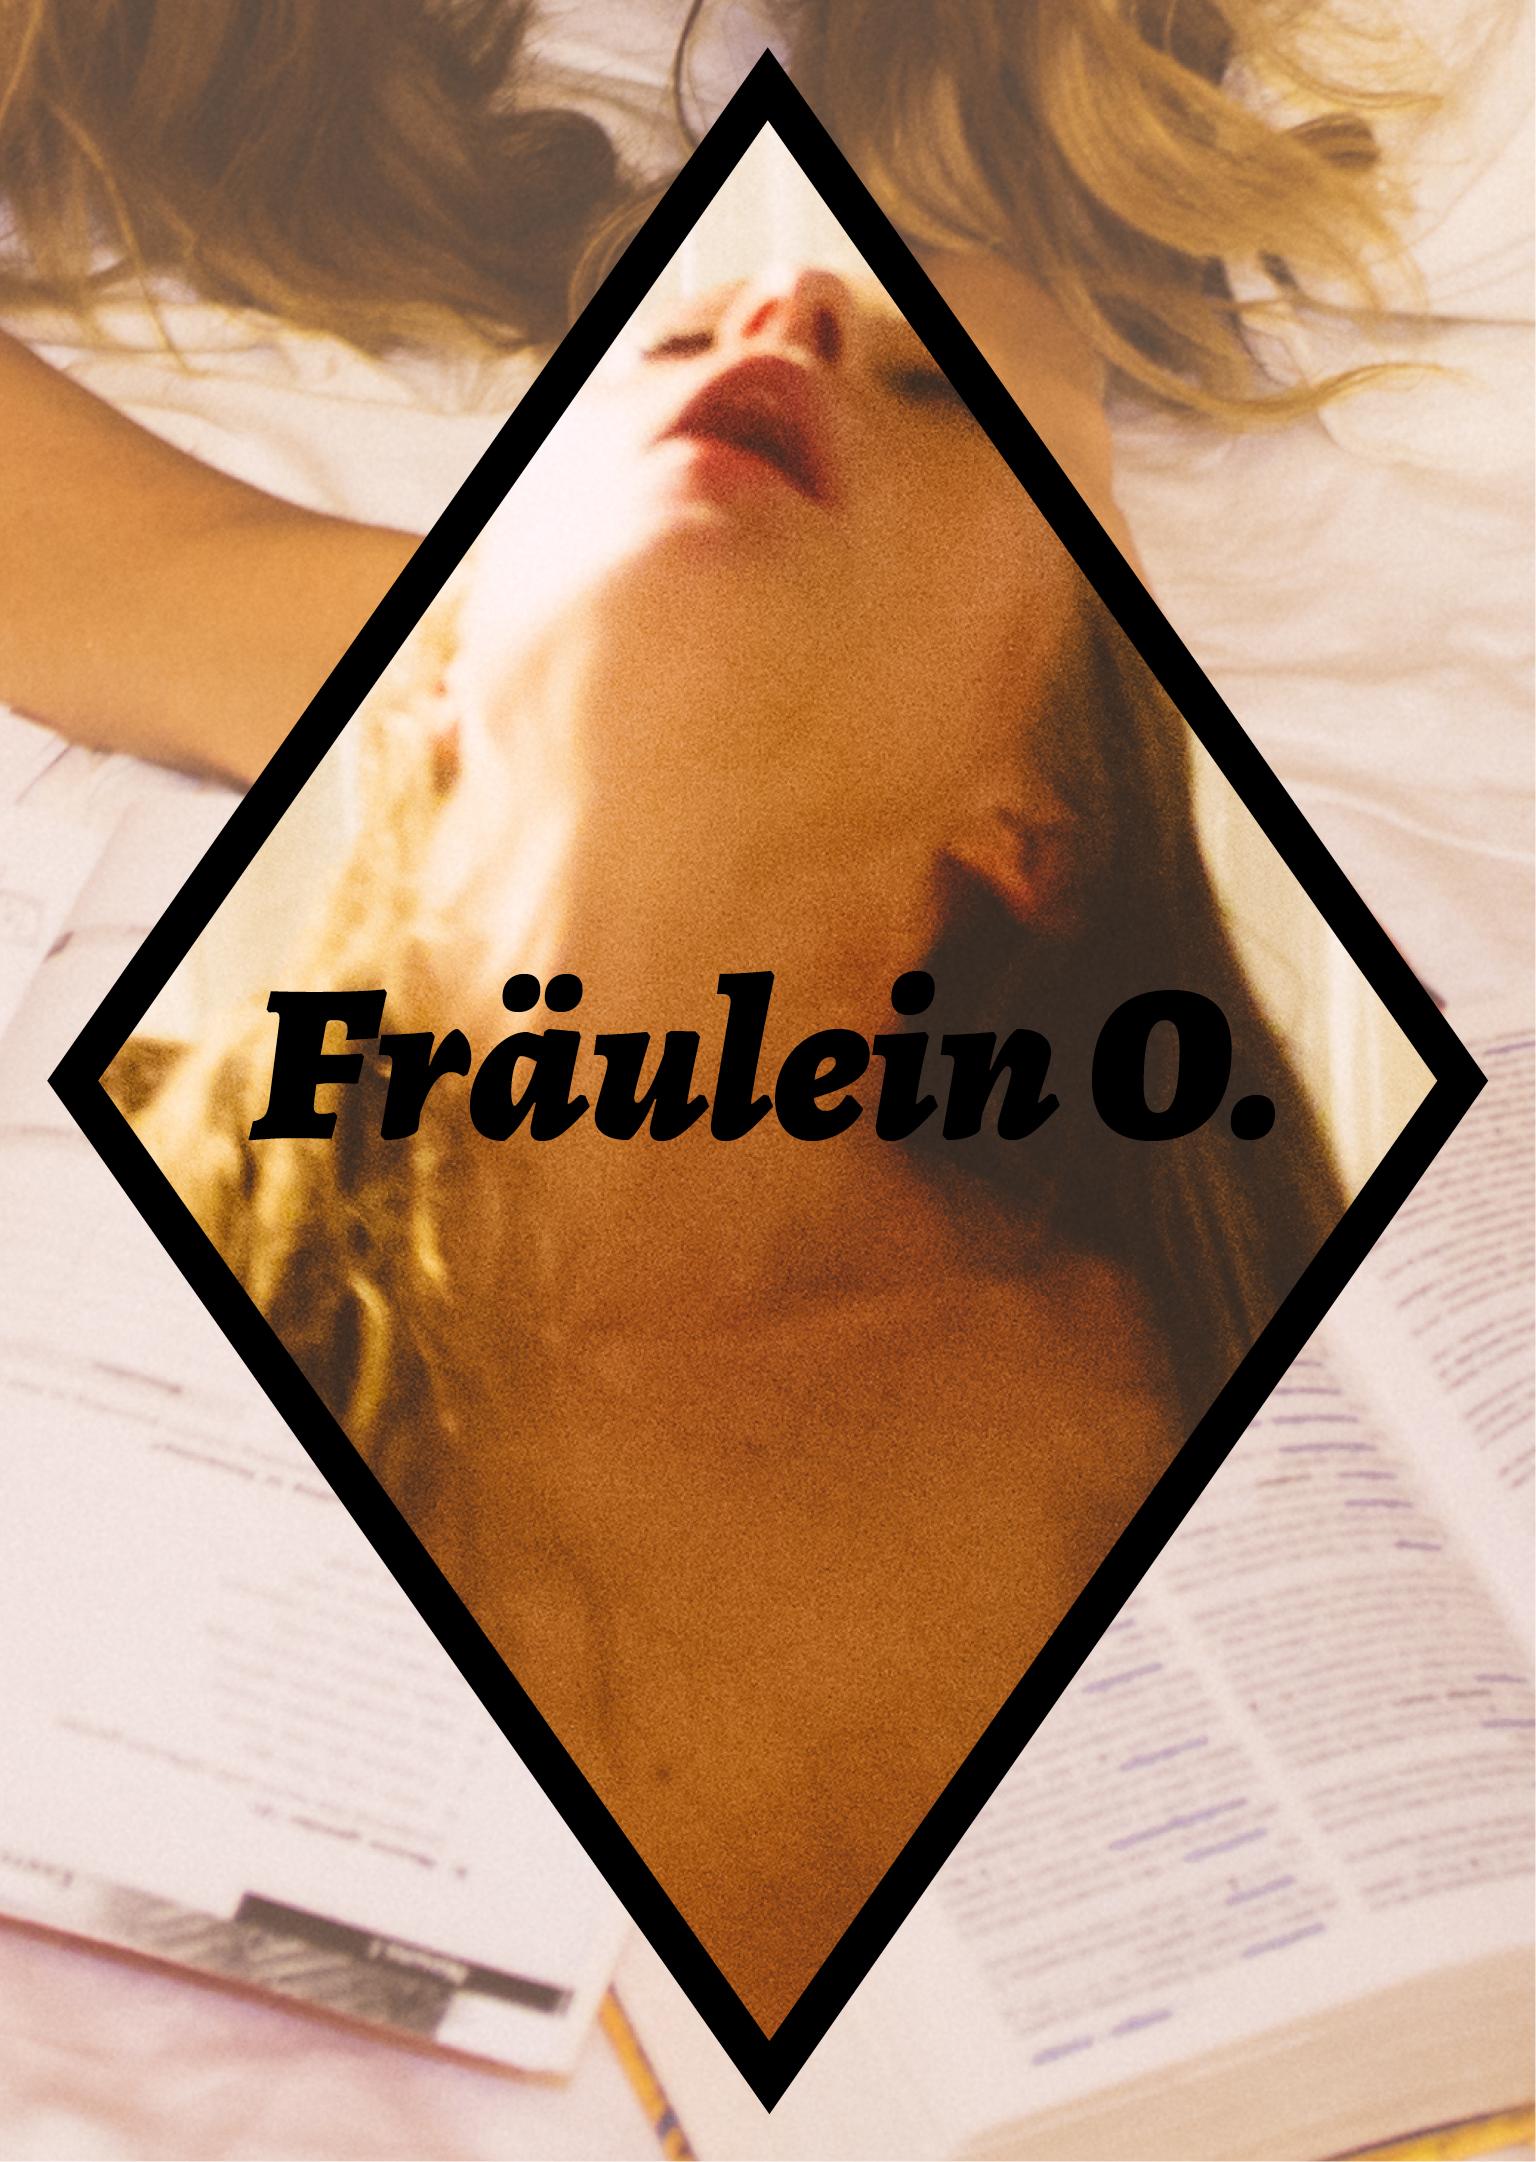 Xconfessions By Erika Lust, Fraulein O. Das Au Pair